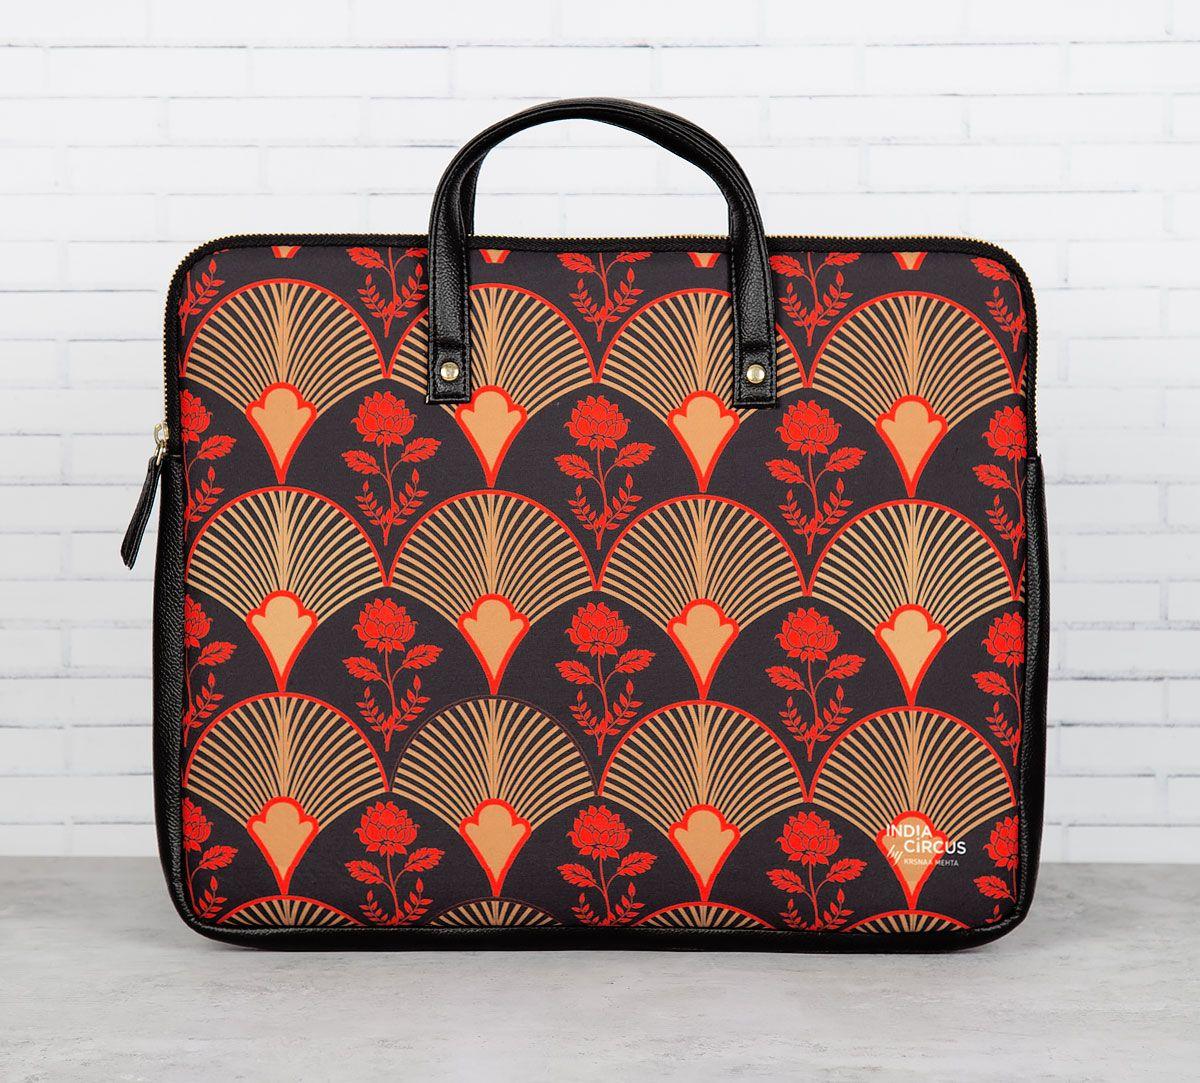 Fans of Blossom Laptop Bag